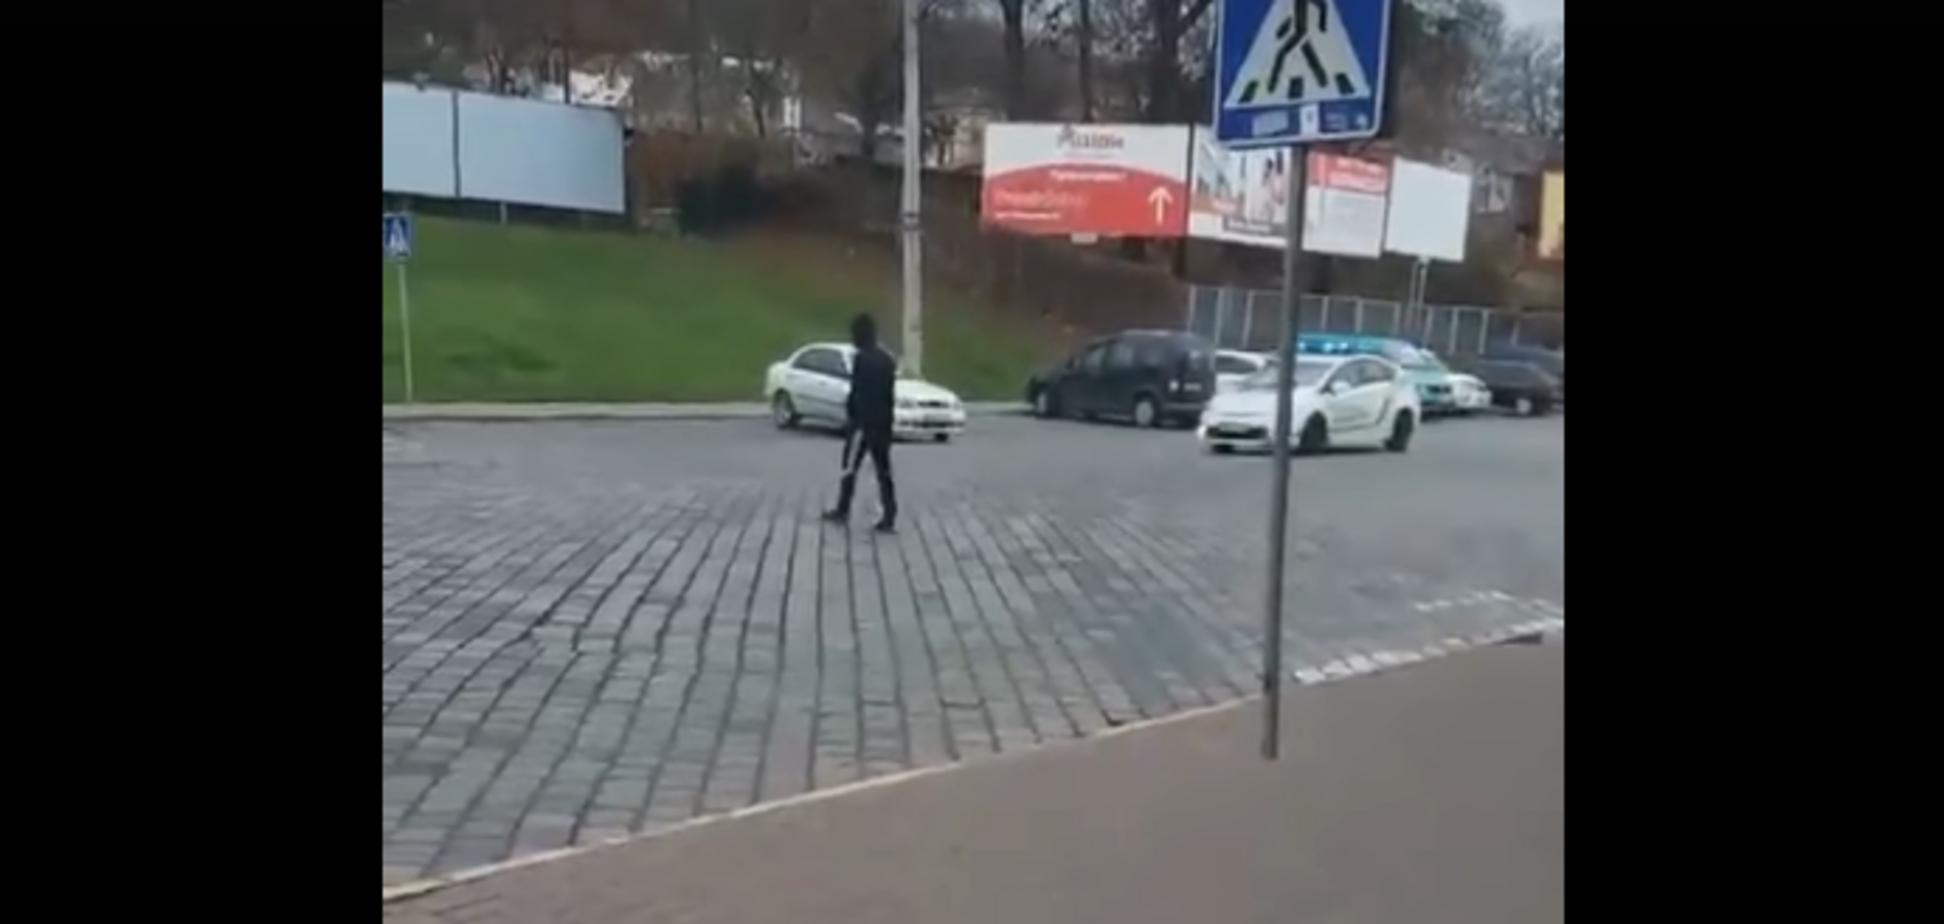 Ради лайков: парень устроил 'паркур' на полицейском авто в Черновцах. Видео дерзкой выходки